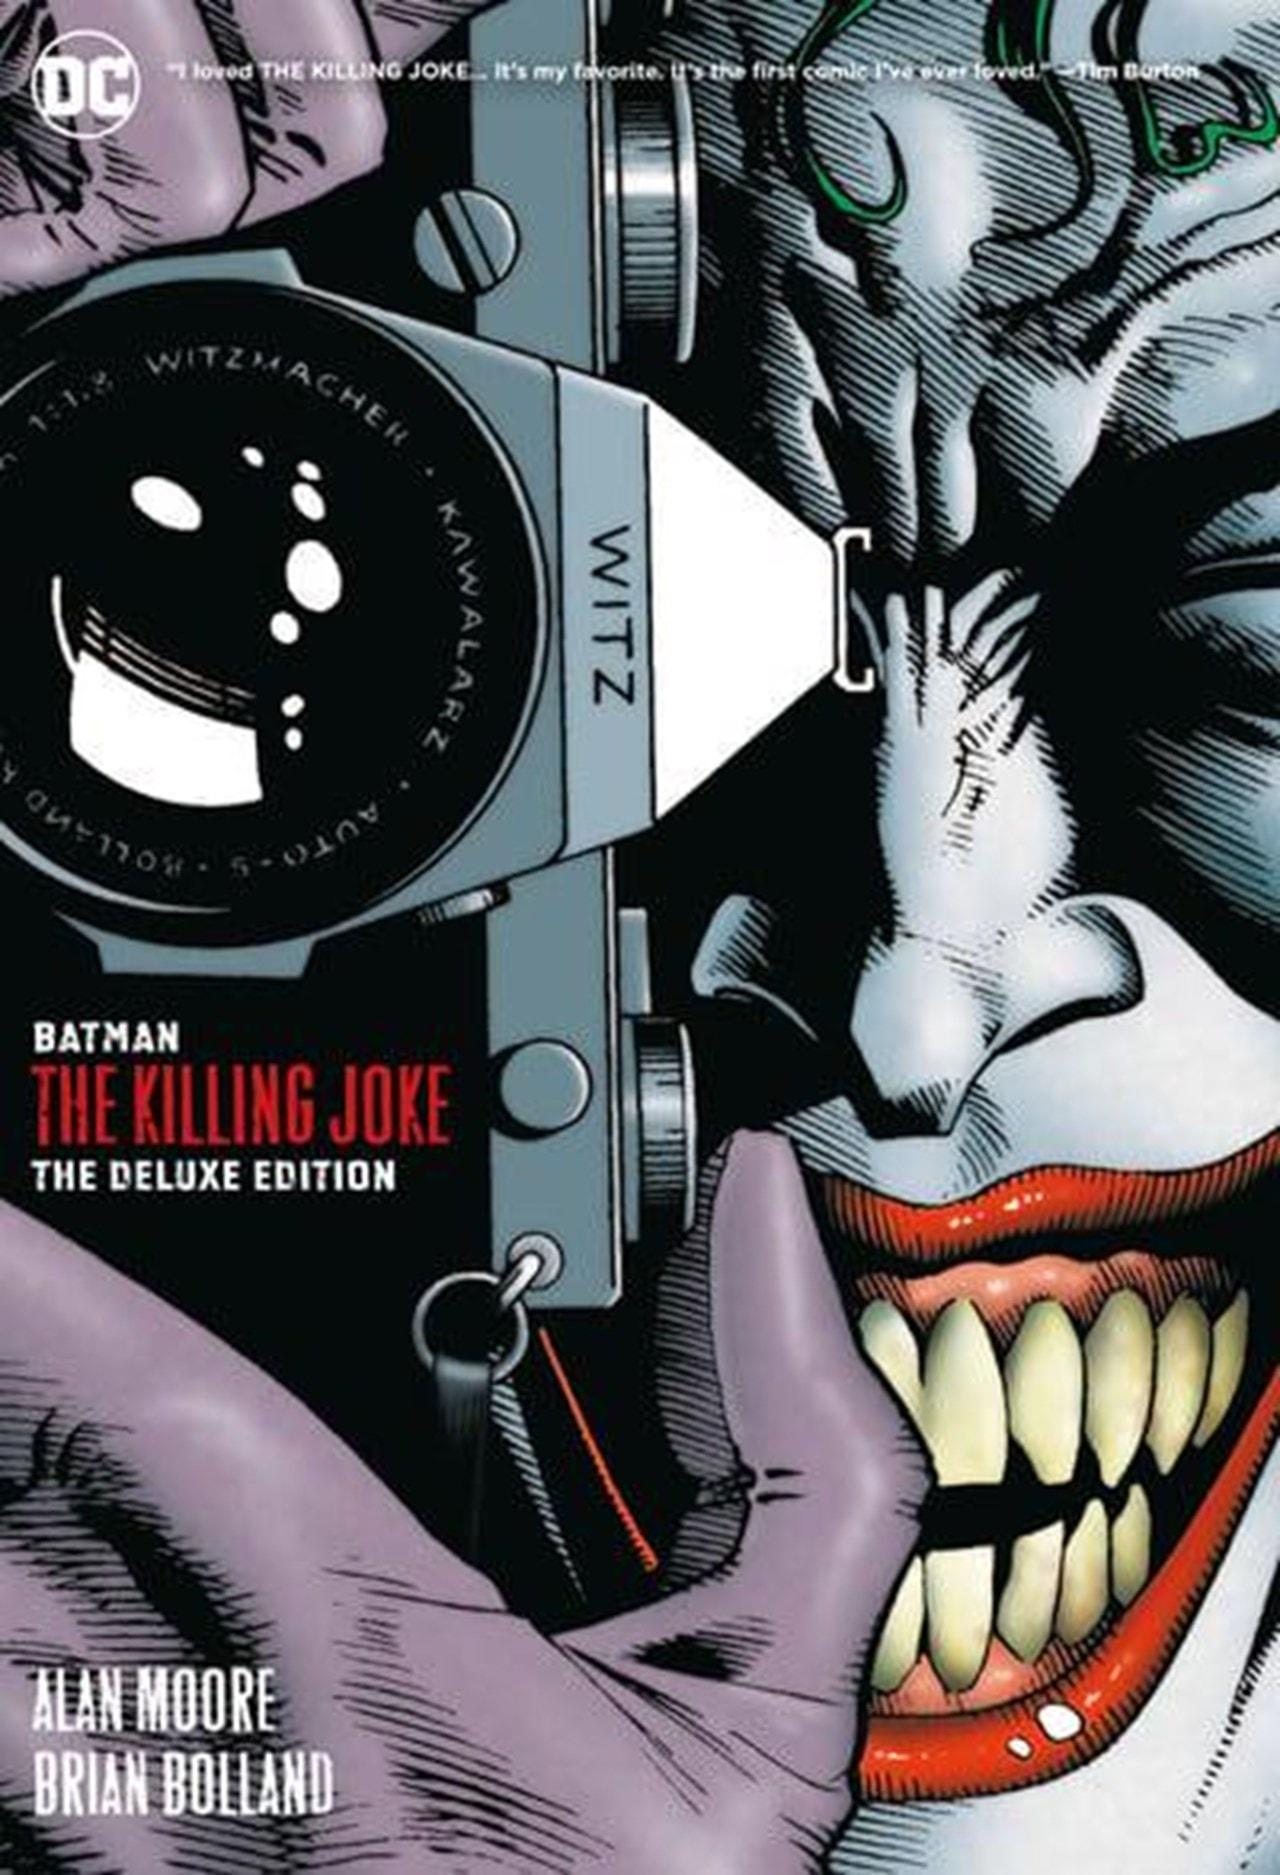 Batman: The Killing Joke (Deluxe Edition) - 1